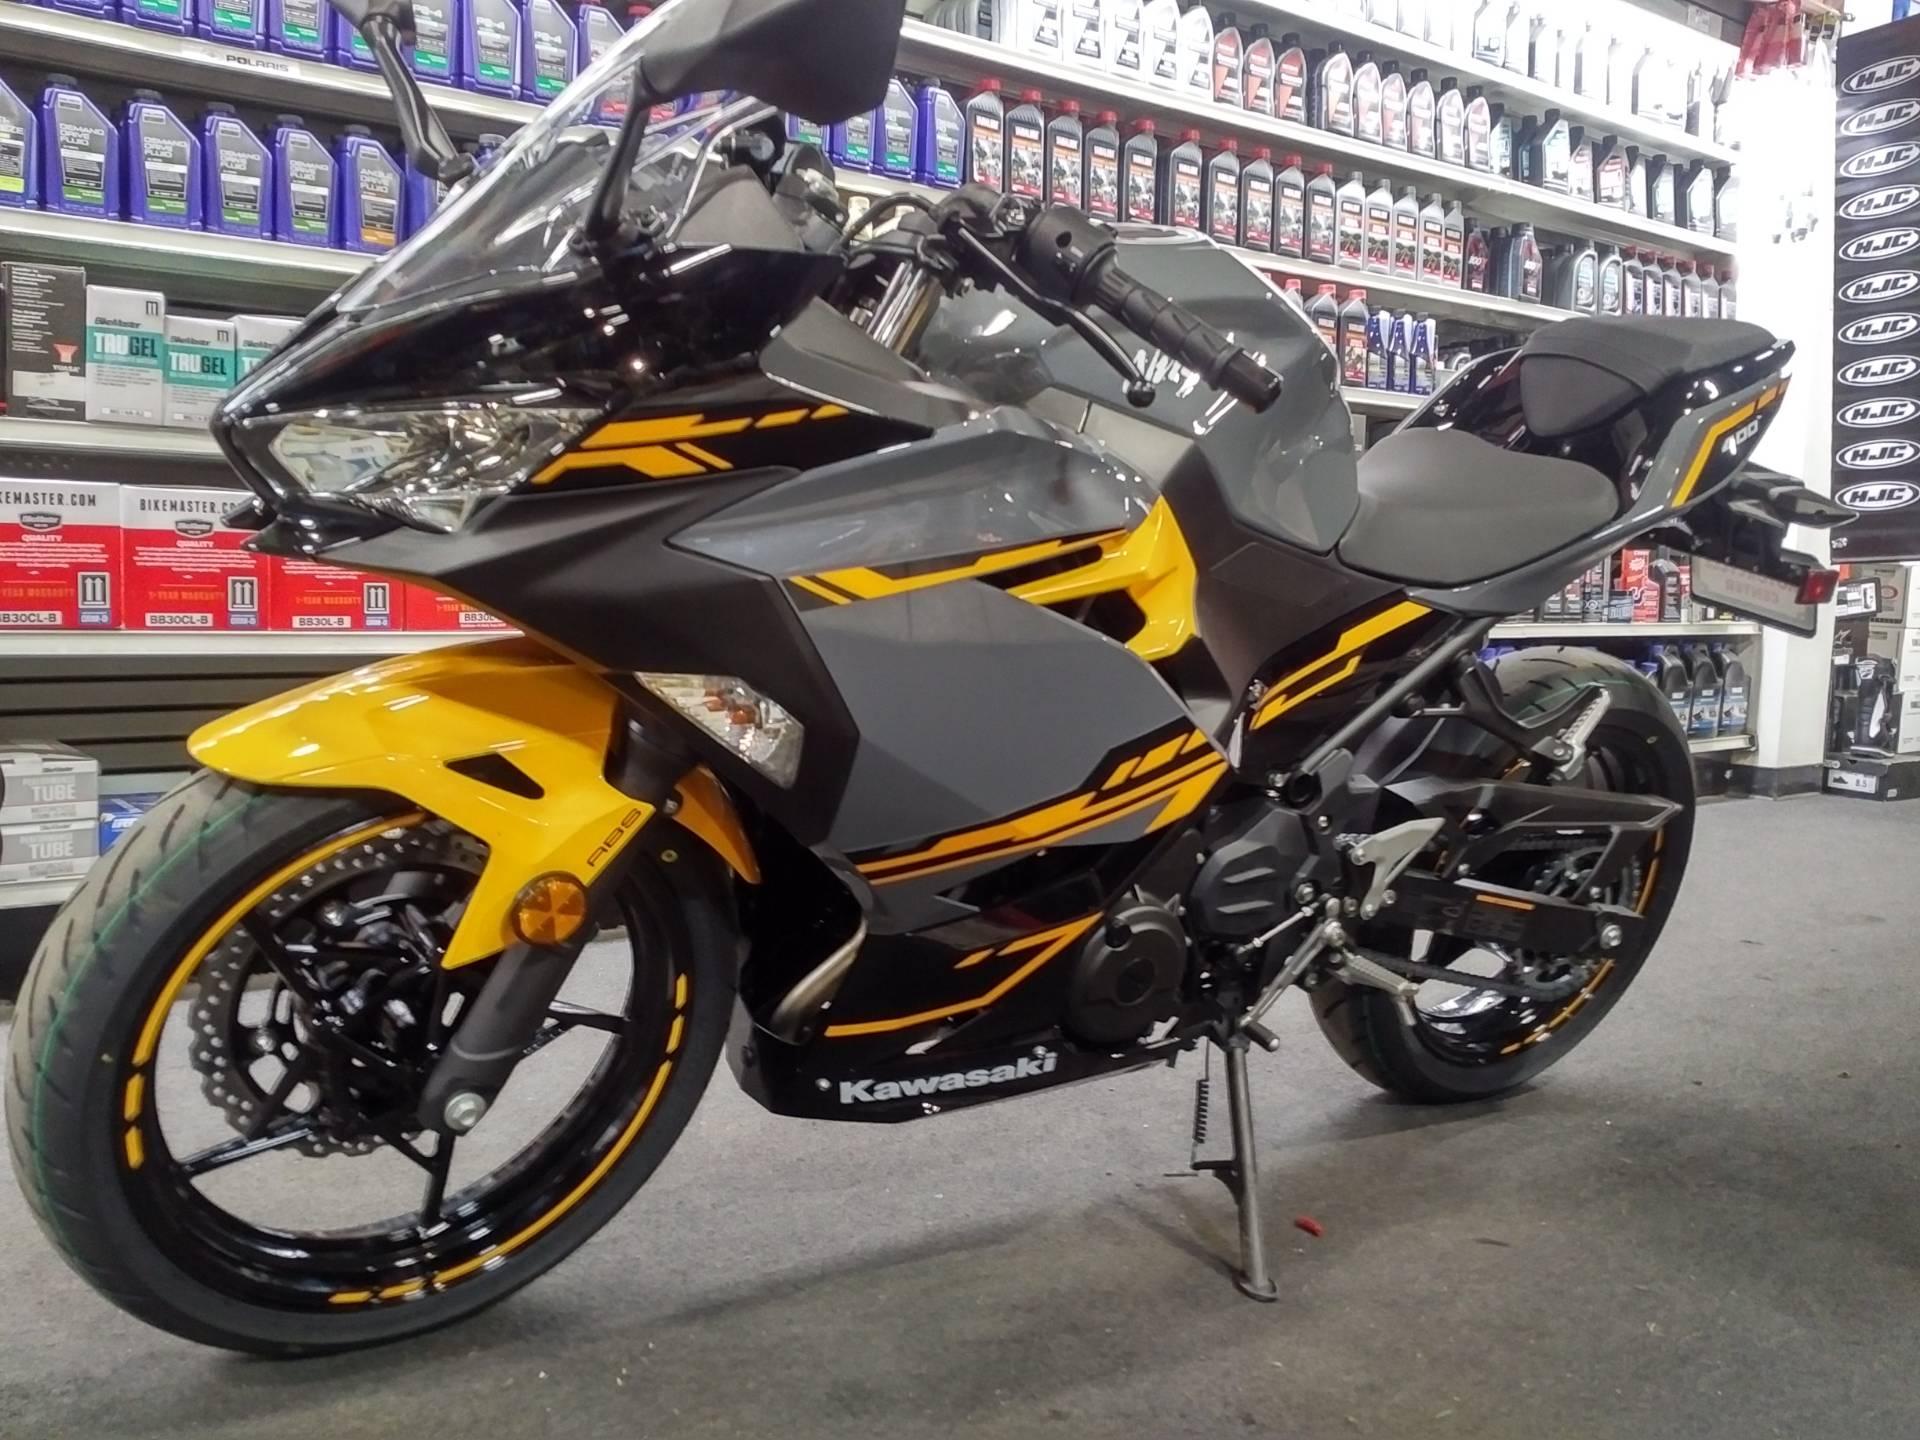 2018 Kawasaki Ninja 400 ABS 4